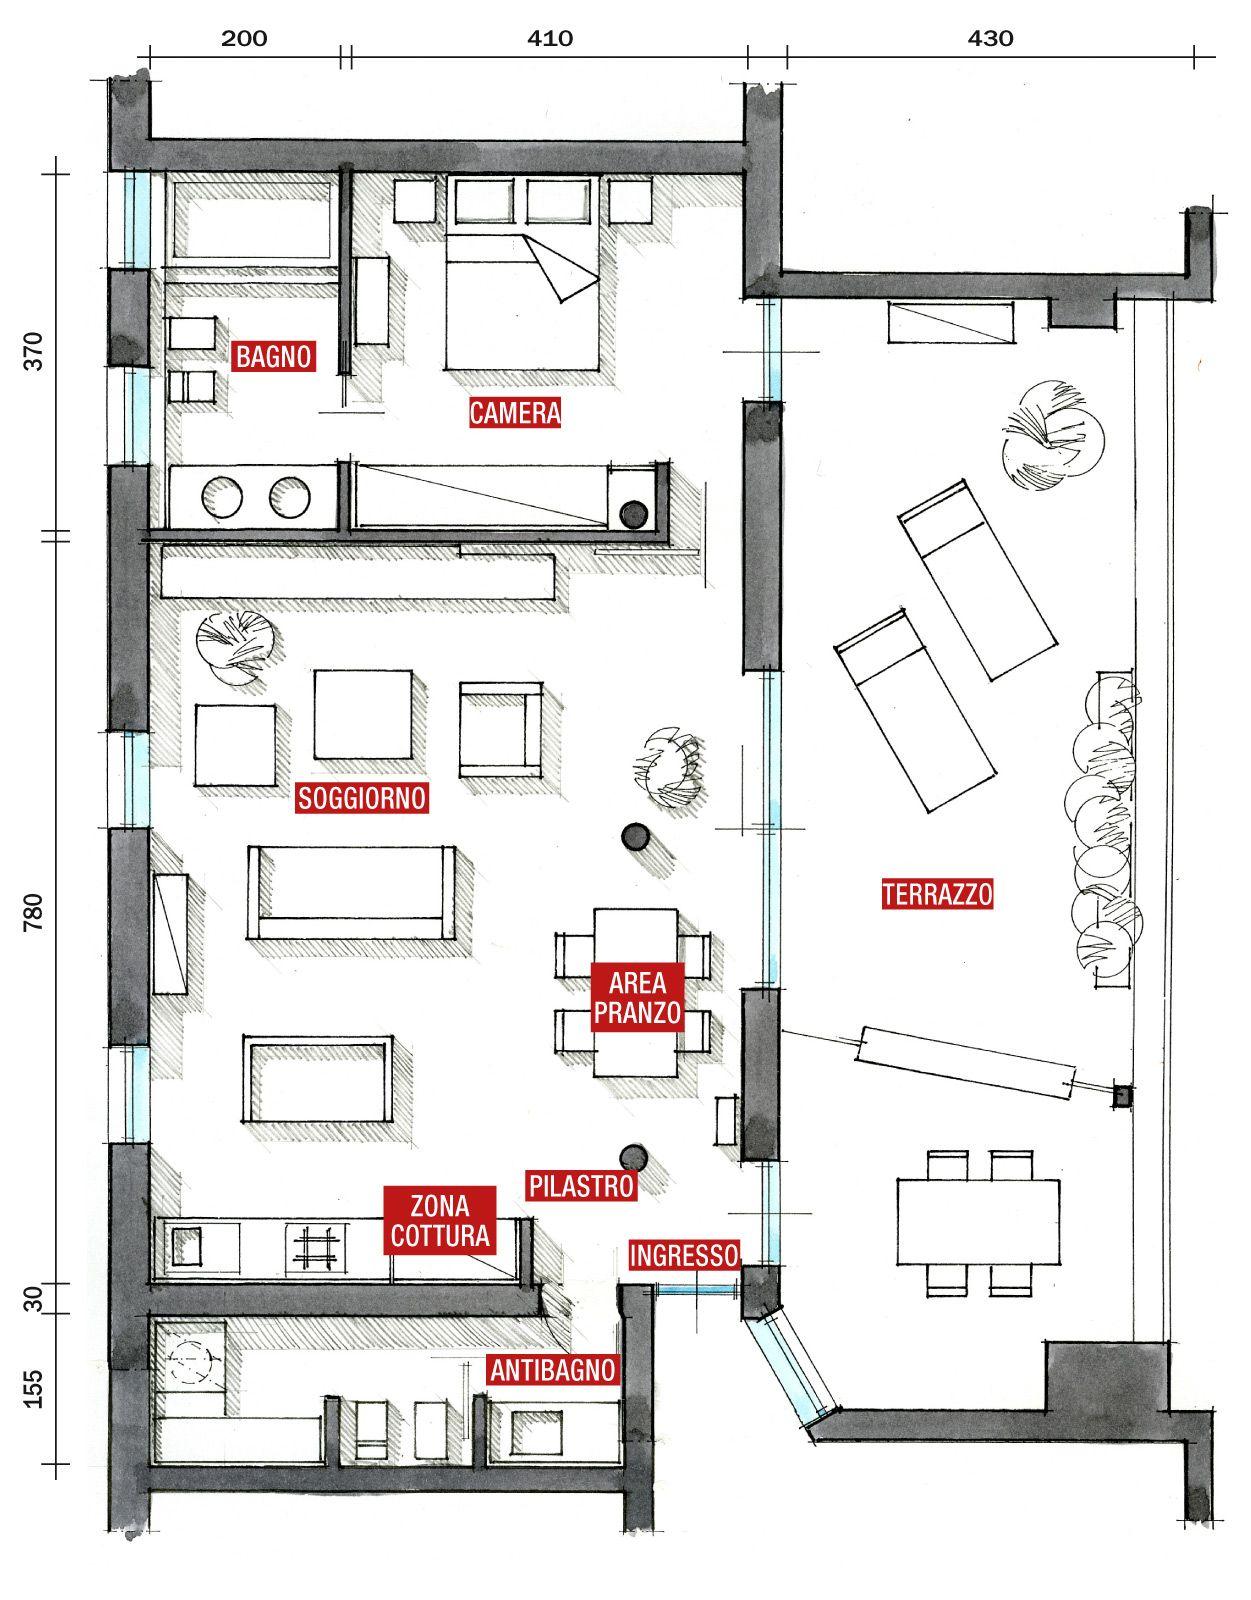 Planimetria Casa Con Misure 80 mq: una casa per due, perfetta per fare inviti | case